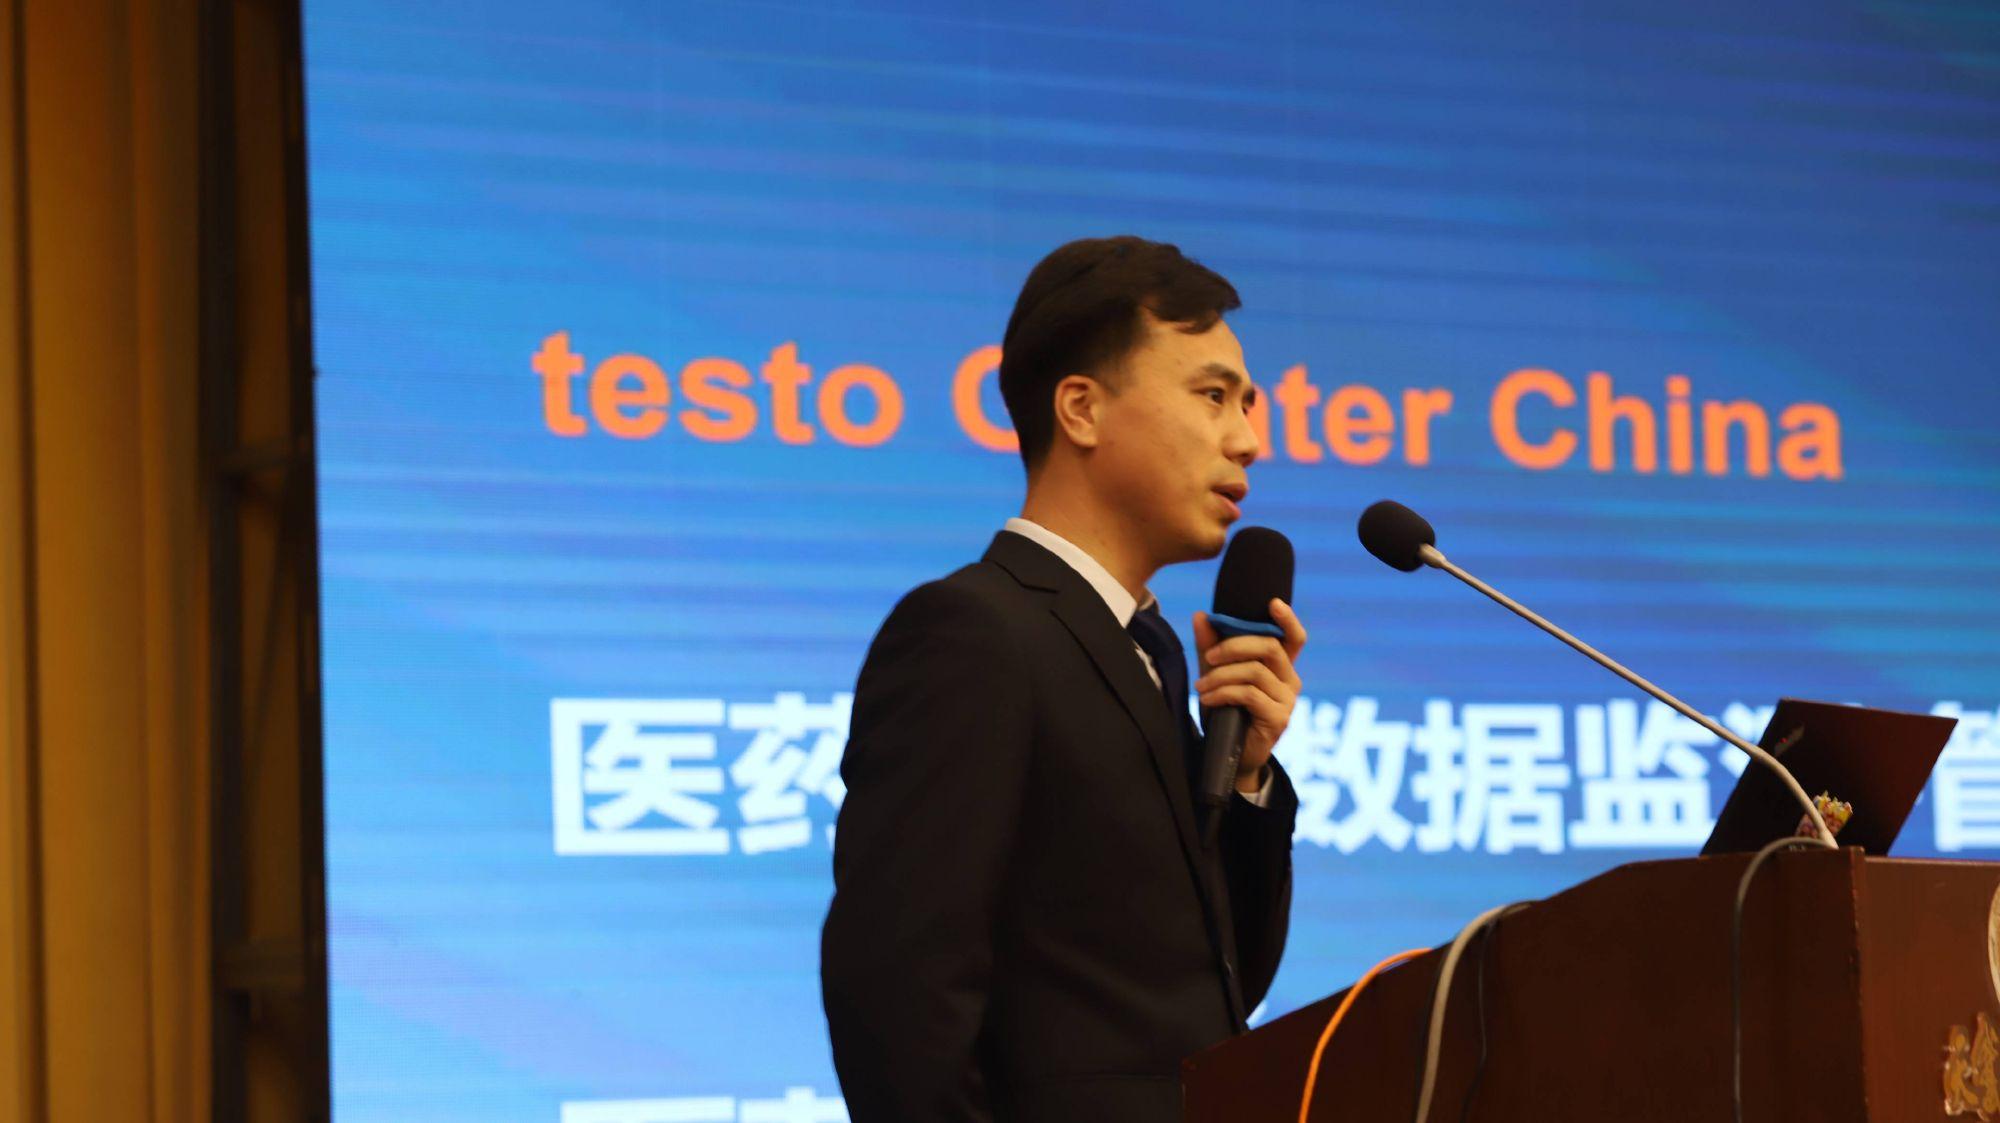 郭卫民 德图仪器中国医药事业部 高级产品应用顾问